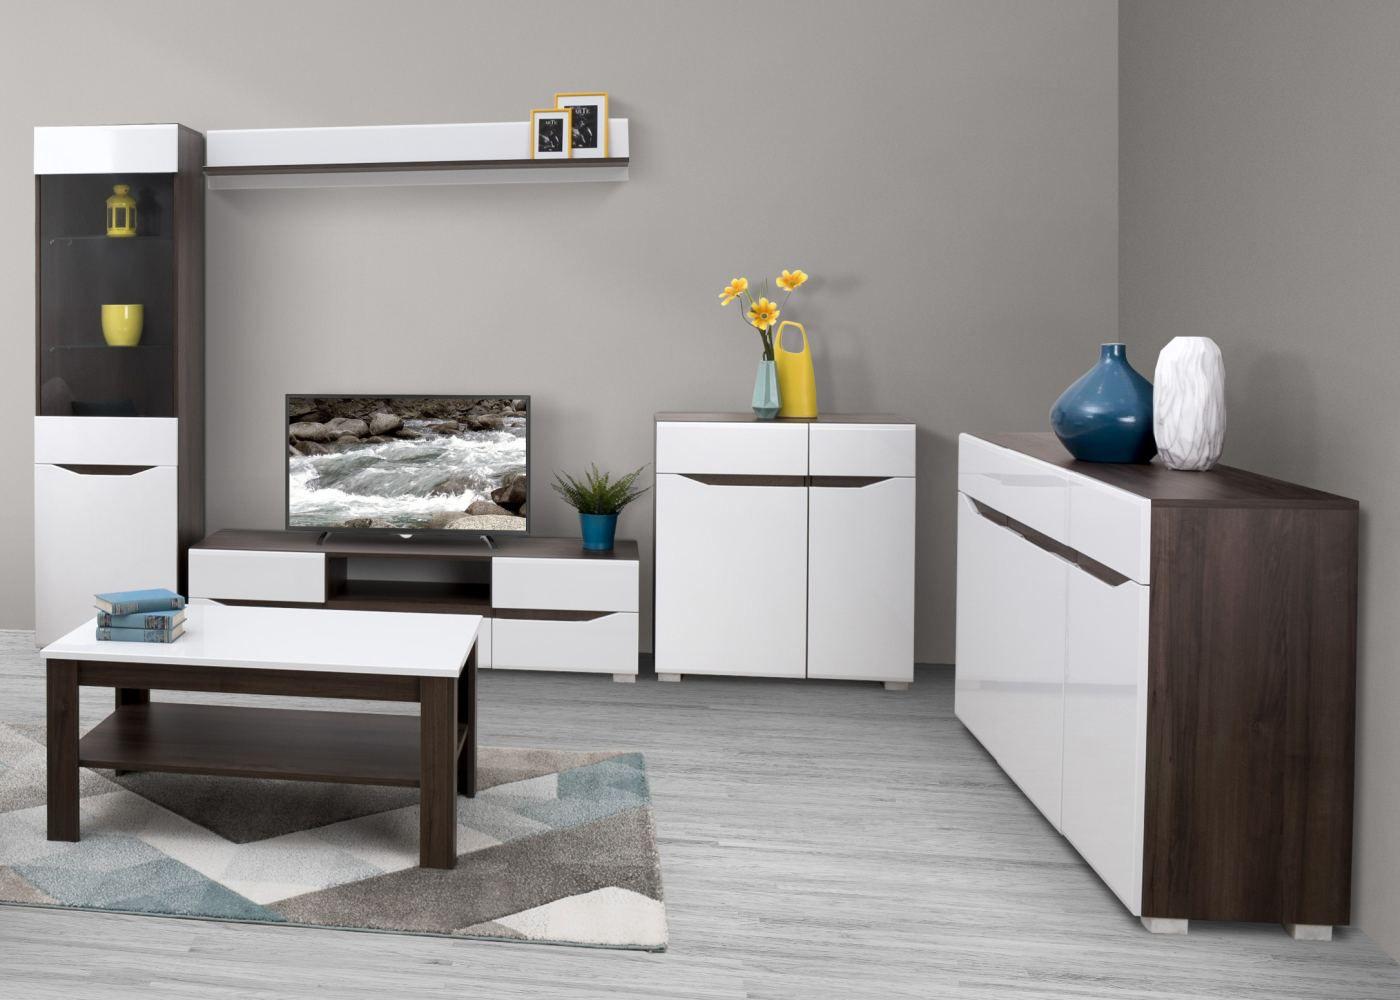 Wohnzimmer Komplett - Set D Comillas, 6-teilig, Farbe: Nuss / Weiß